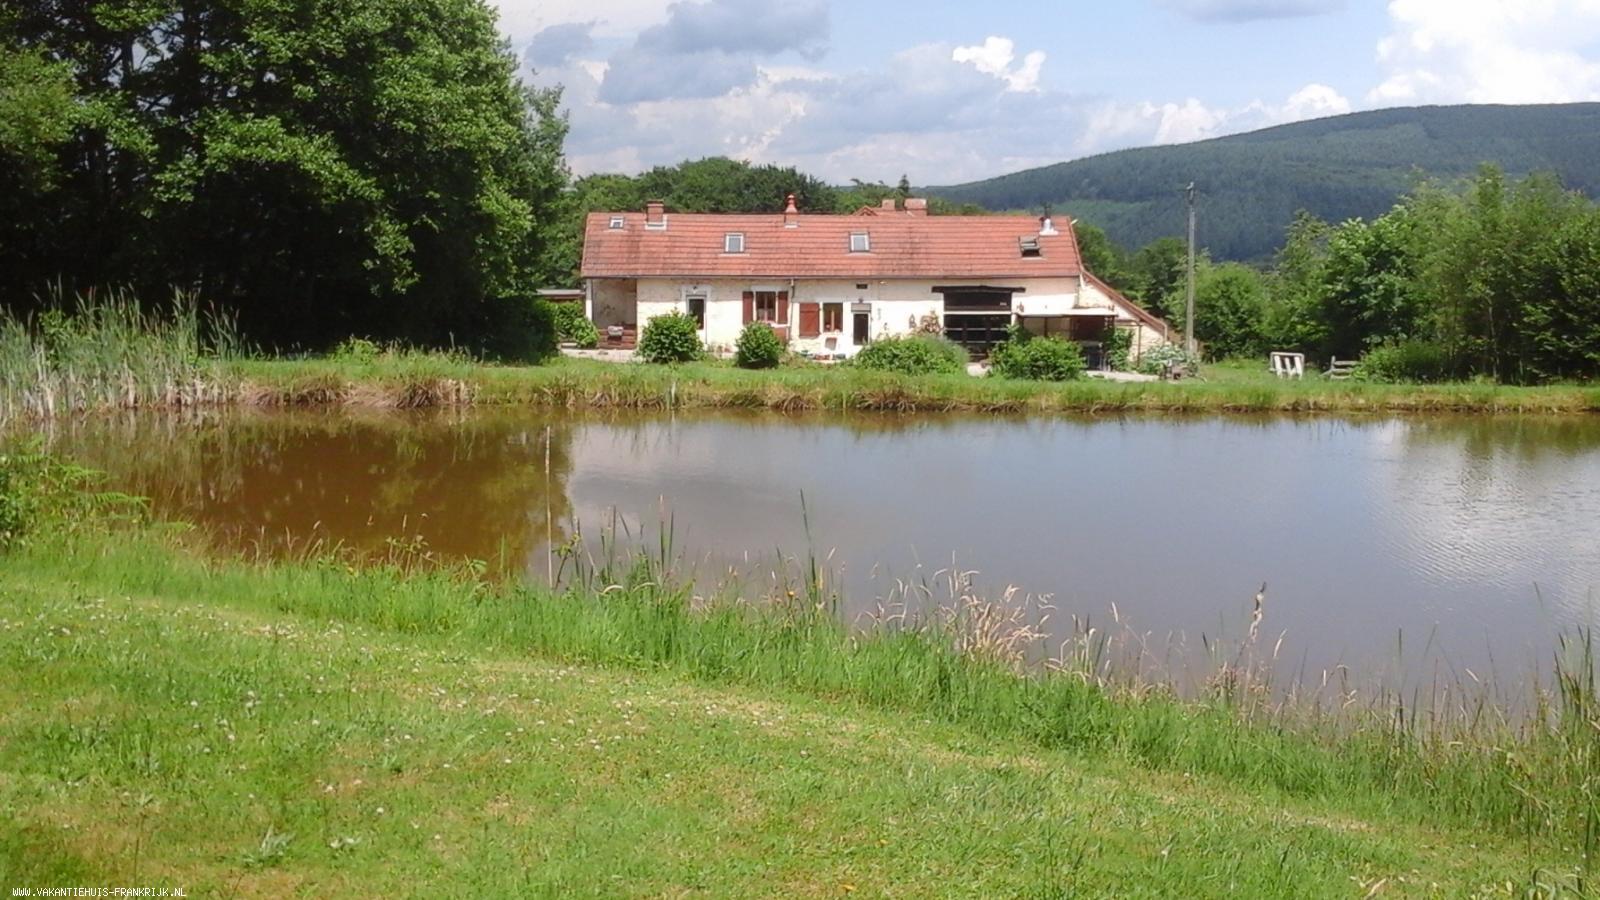 Vakantiehuis: Gite in Fachin, Parc du Morvan (Midden-Frankrijk - Bourgogne) te huur. te huur voor uw vakantie in Nievre (Frankrijk)